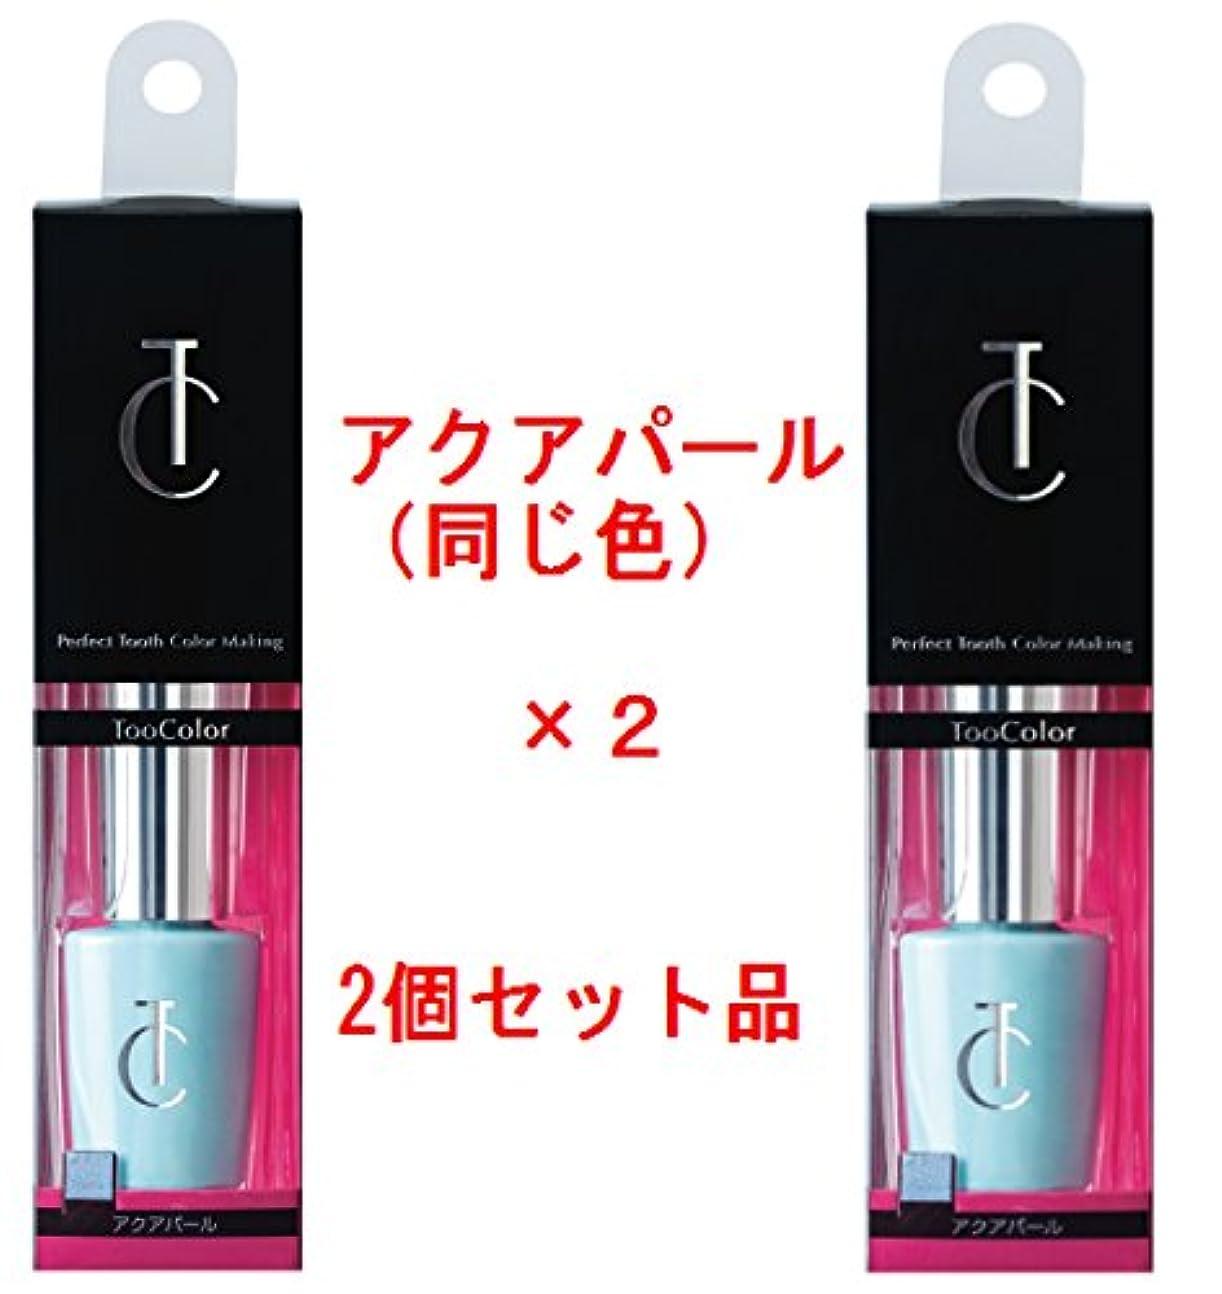 TooColor アクアパール2個セット品 [口腔化粧品 歯のマニキュア]マイクロソリューション